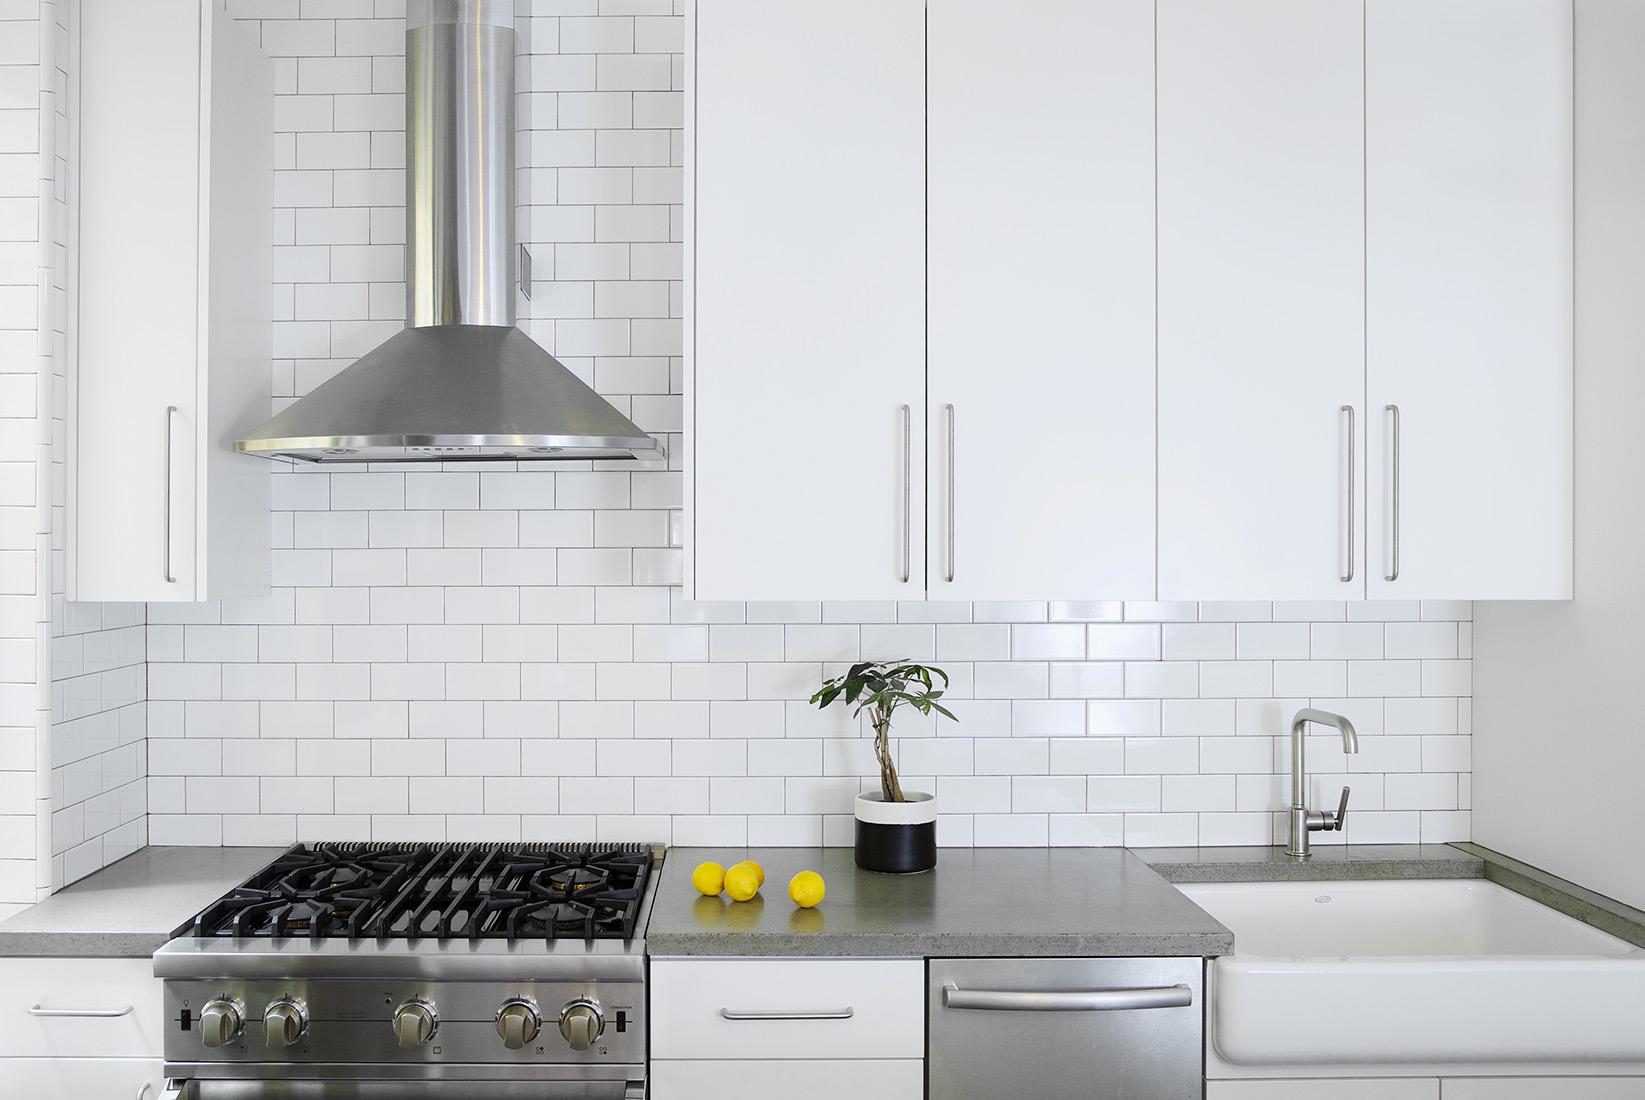 kitchens   stj   04 – Spectra Design Build